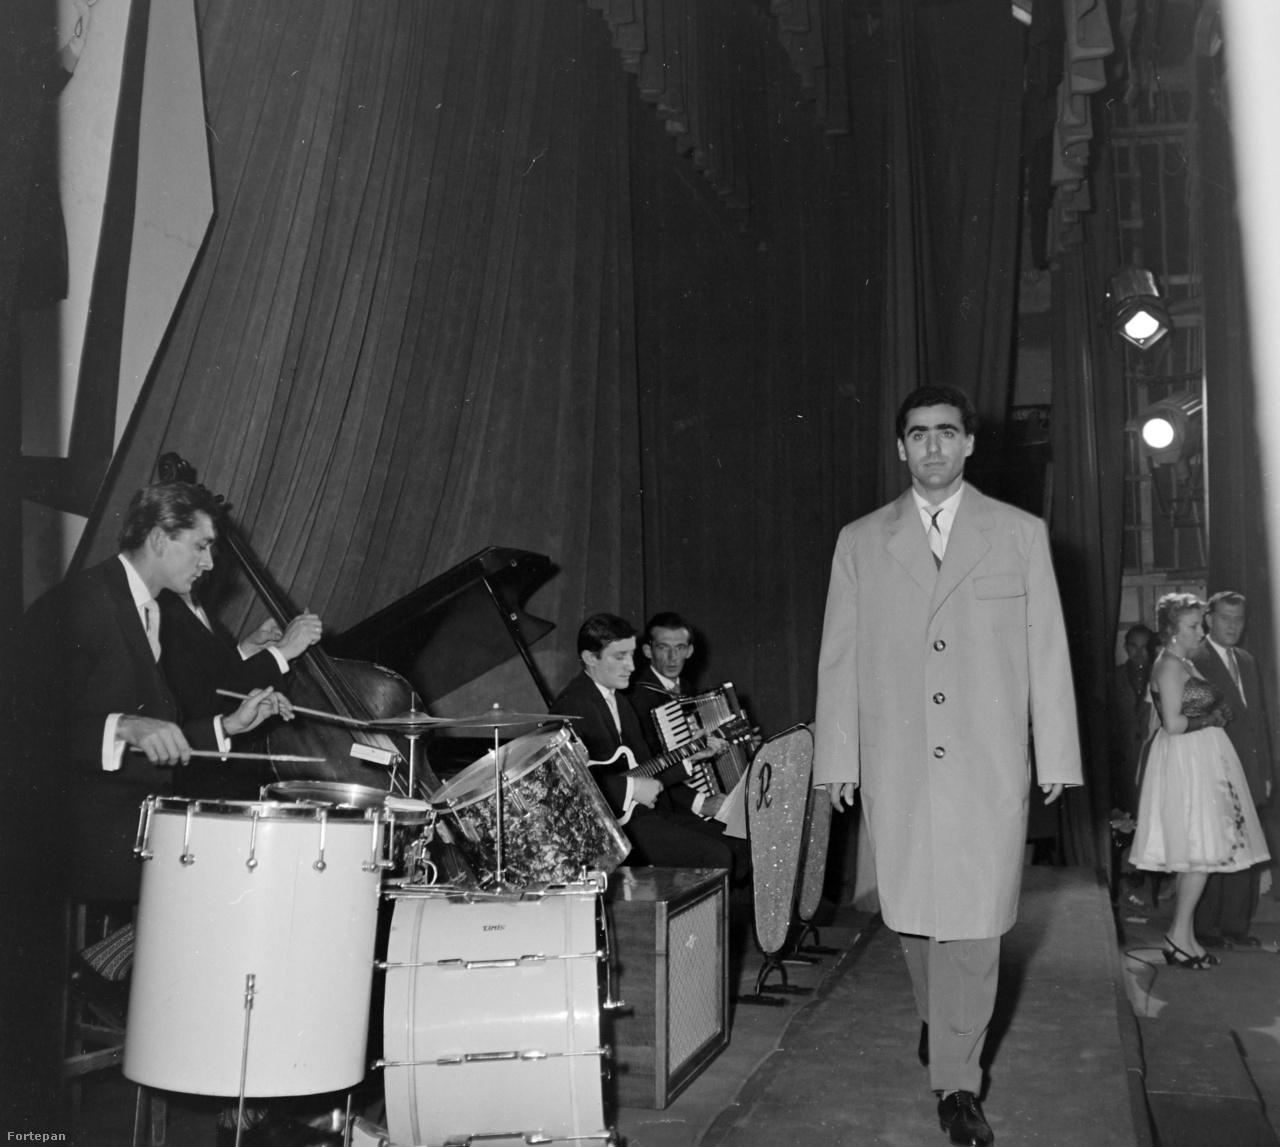 Divatbemutató a marosvásárhelyi Kultúrpalotában 1960-ban.